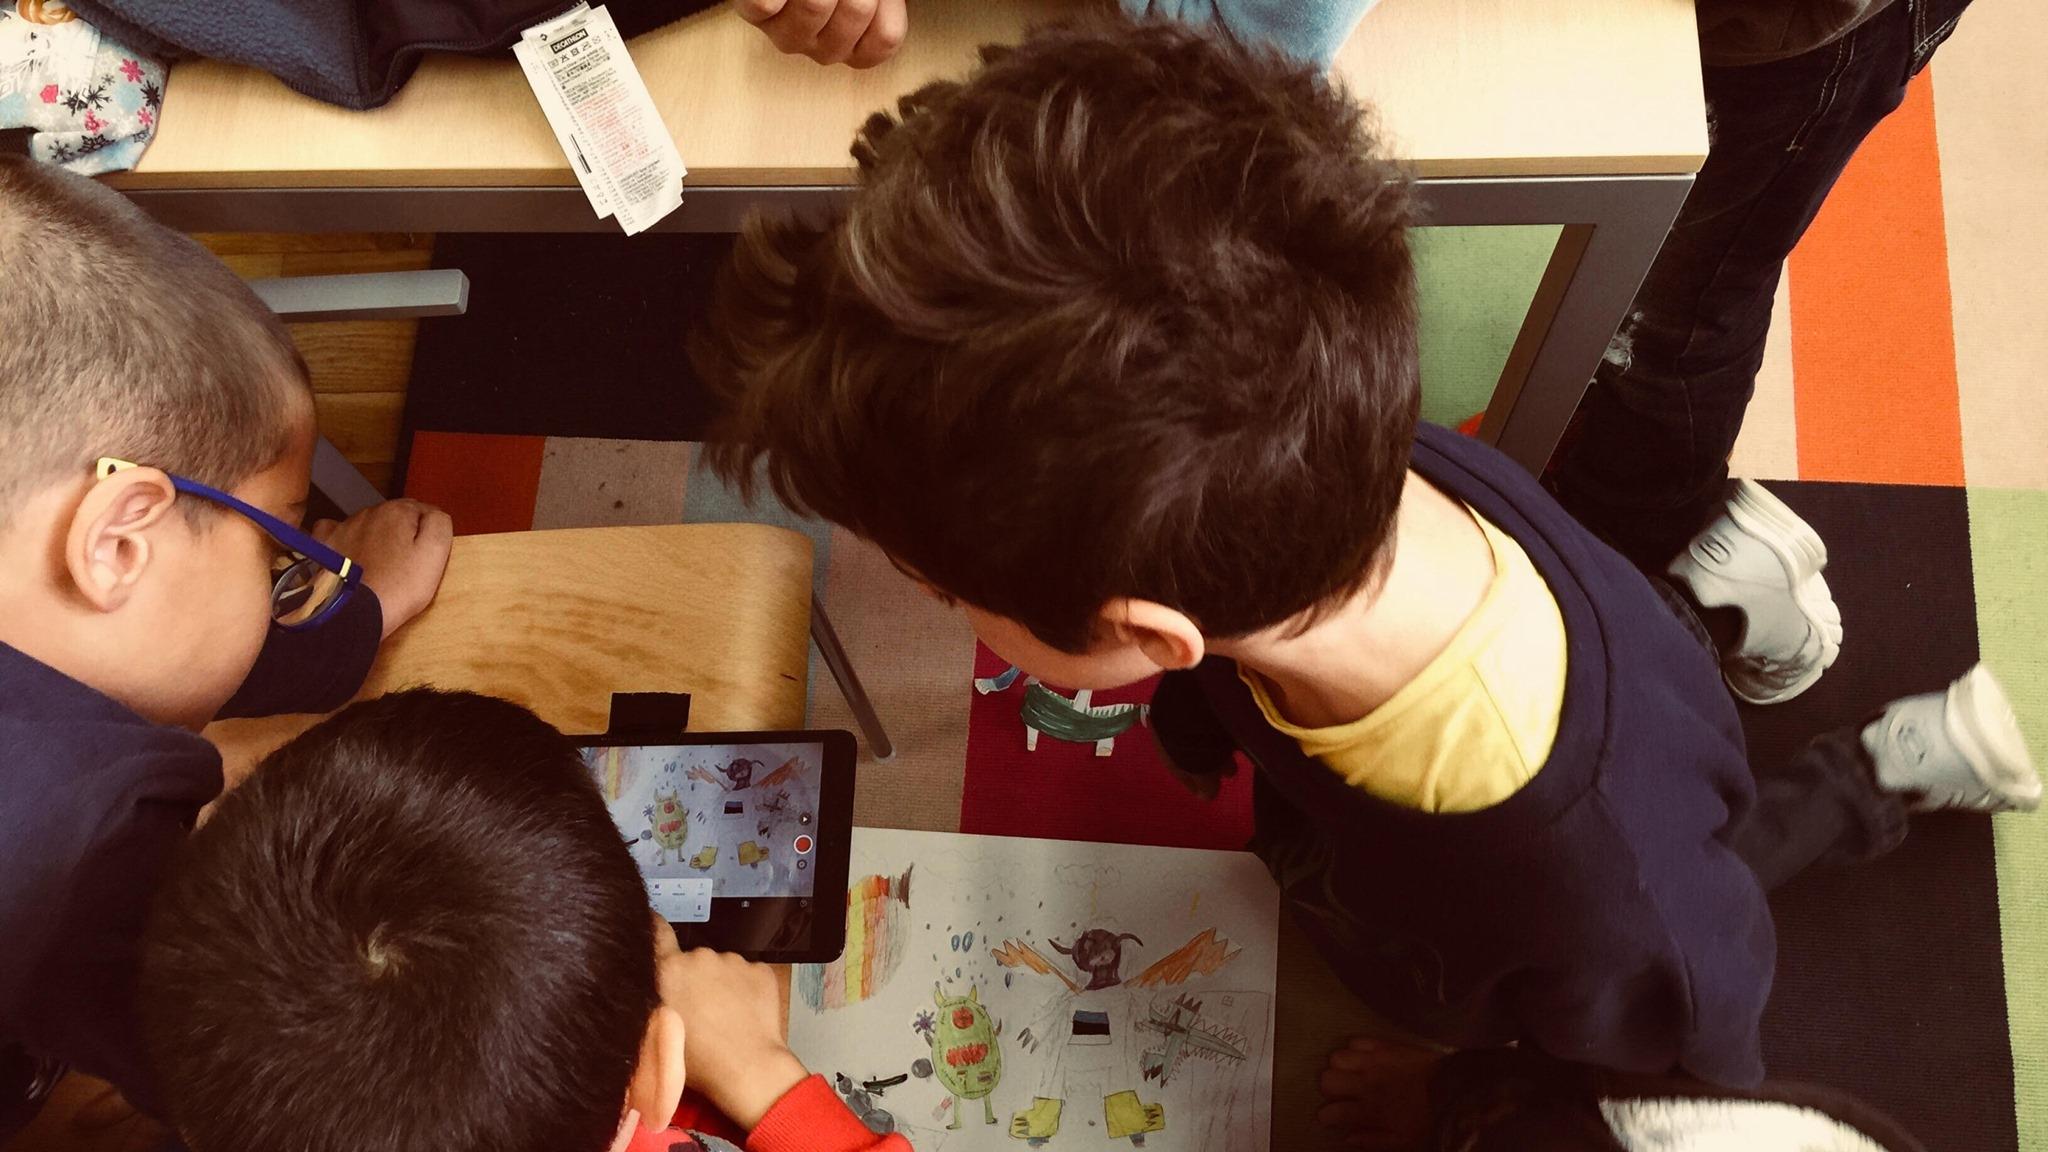 Oficina de Cinema de Animação para as crianças: Animando a Estónia